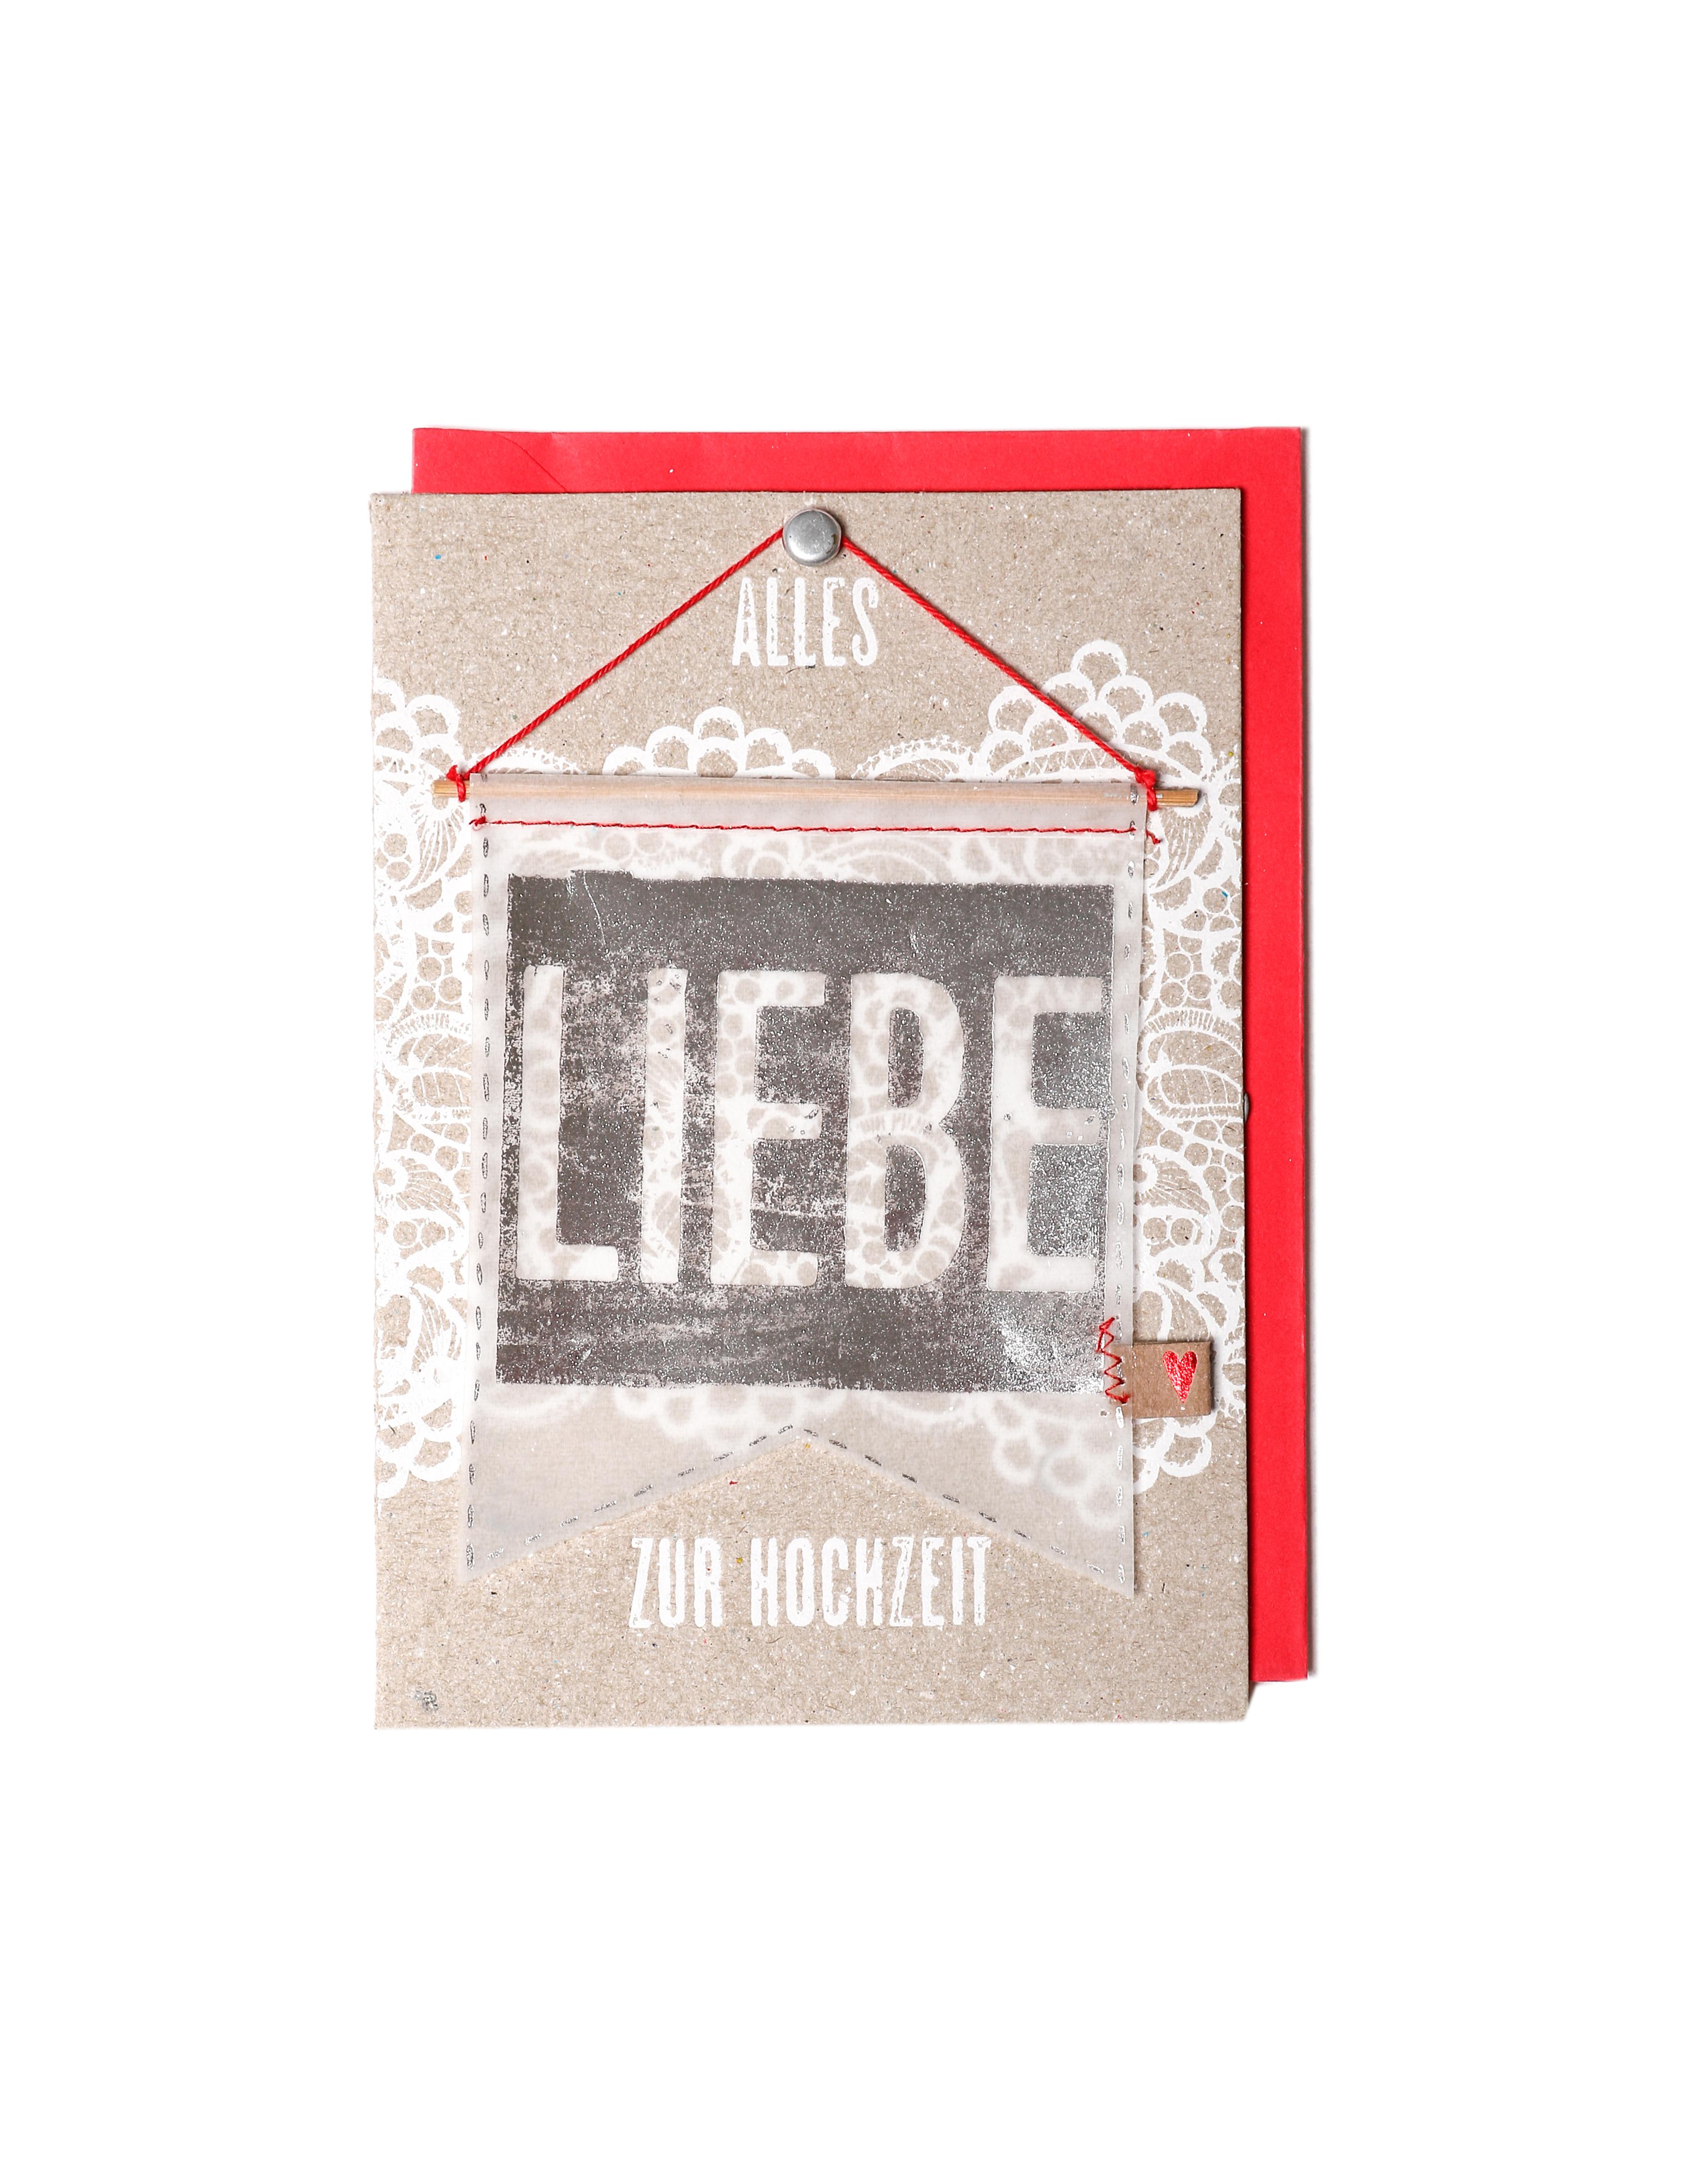 Wimplekarte - Zur Hochzeit - Good old friends